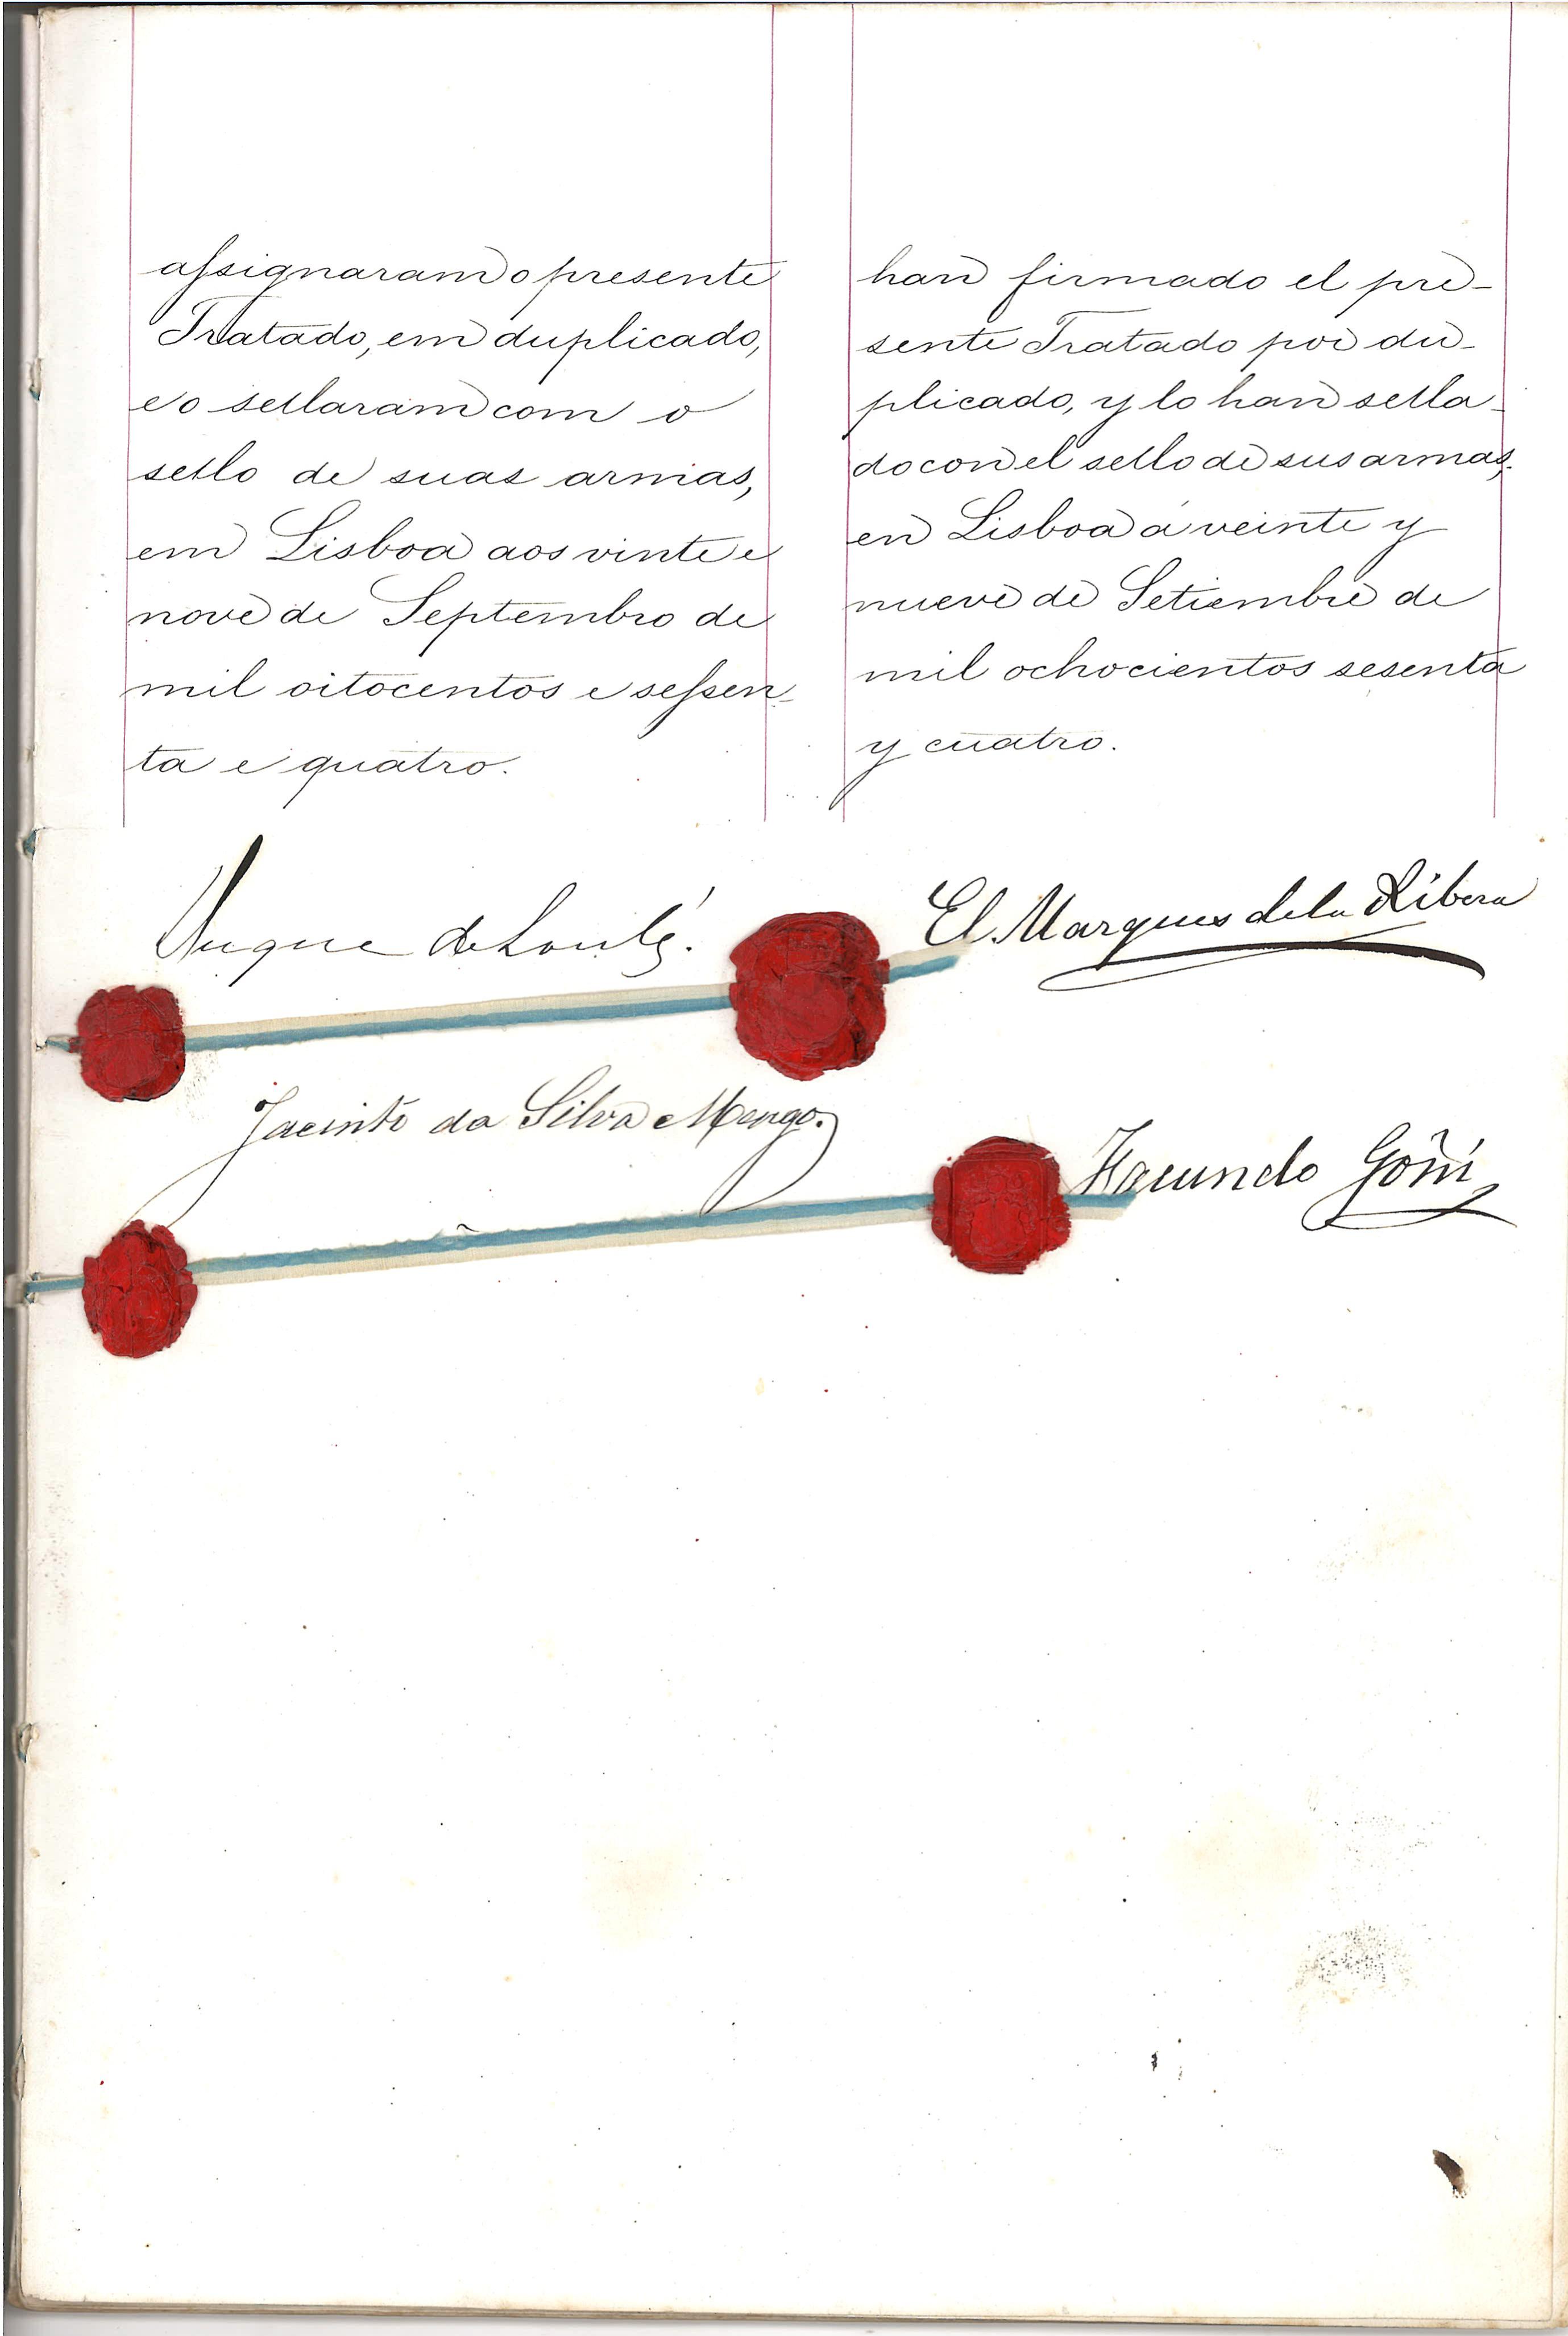 pagina final tratado